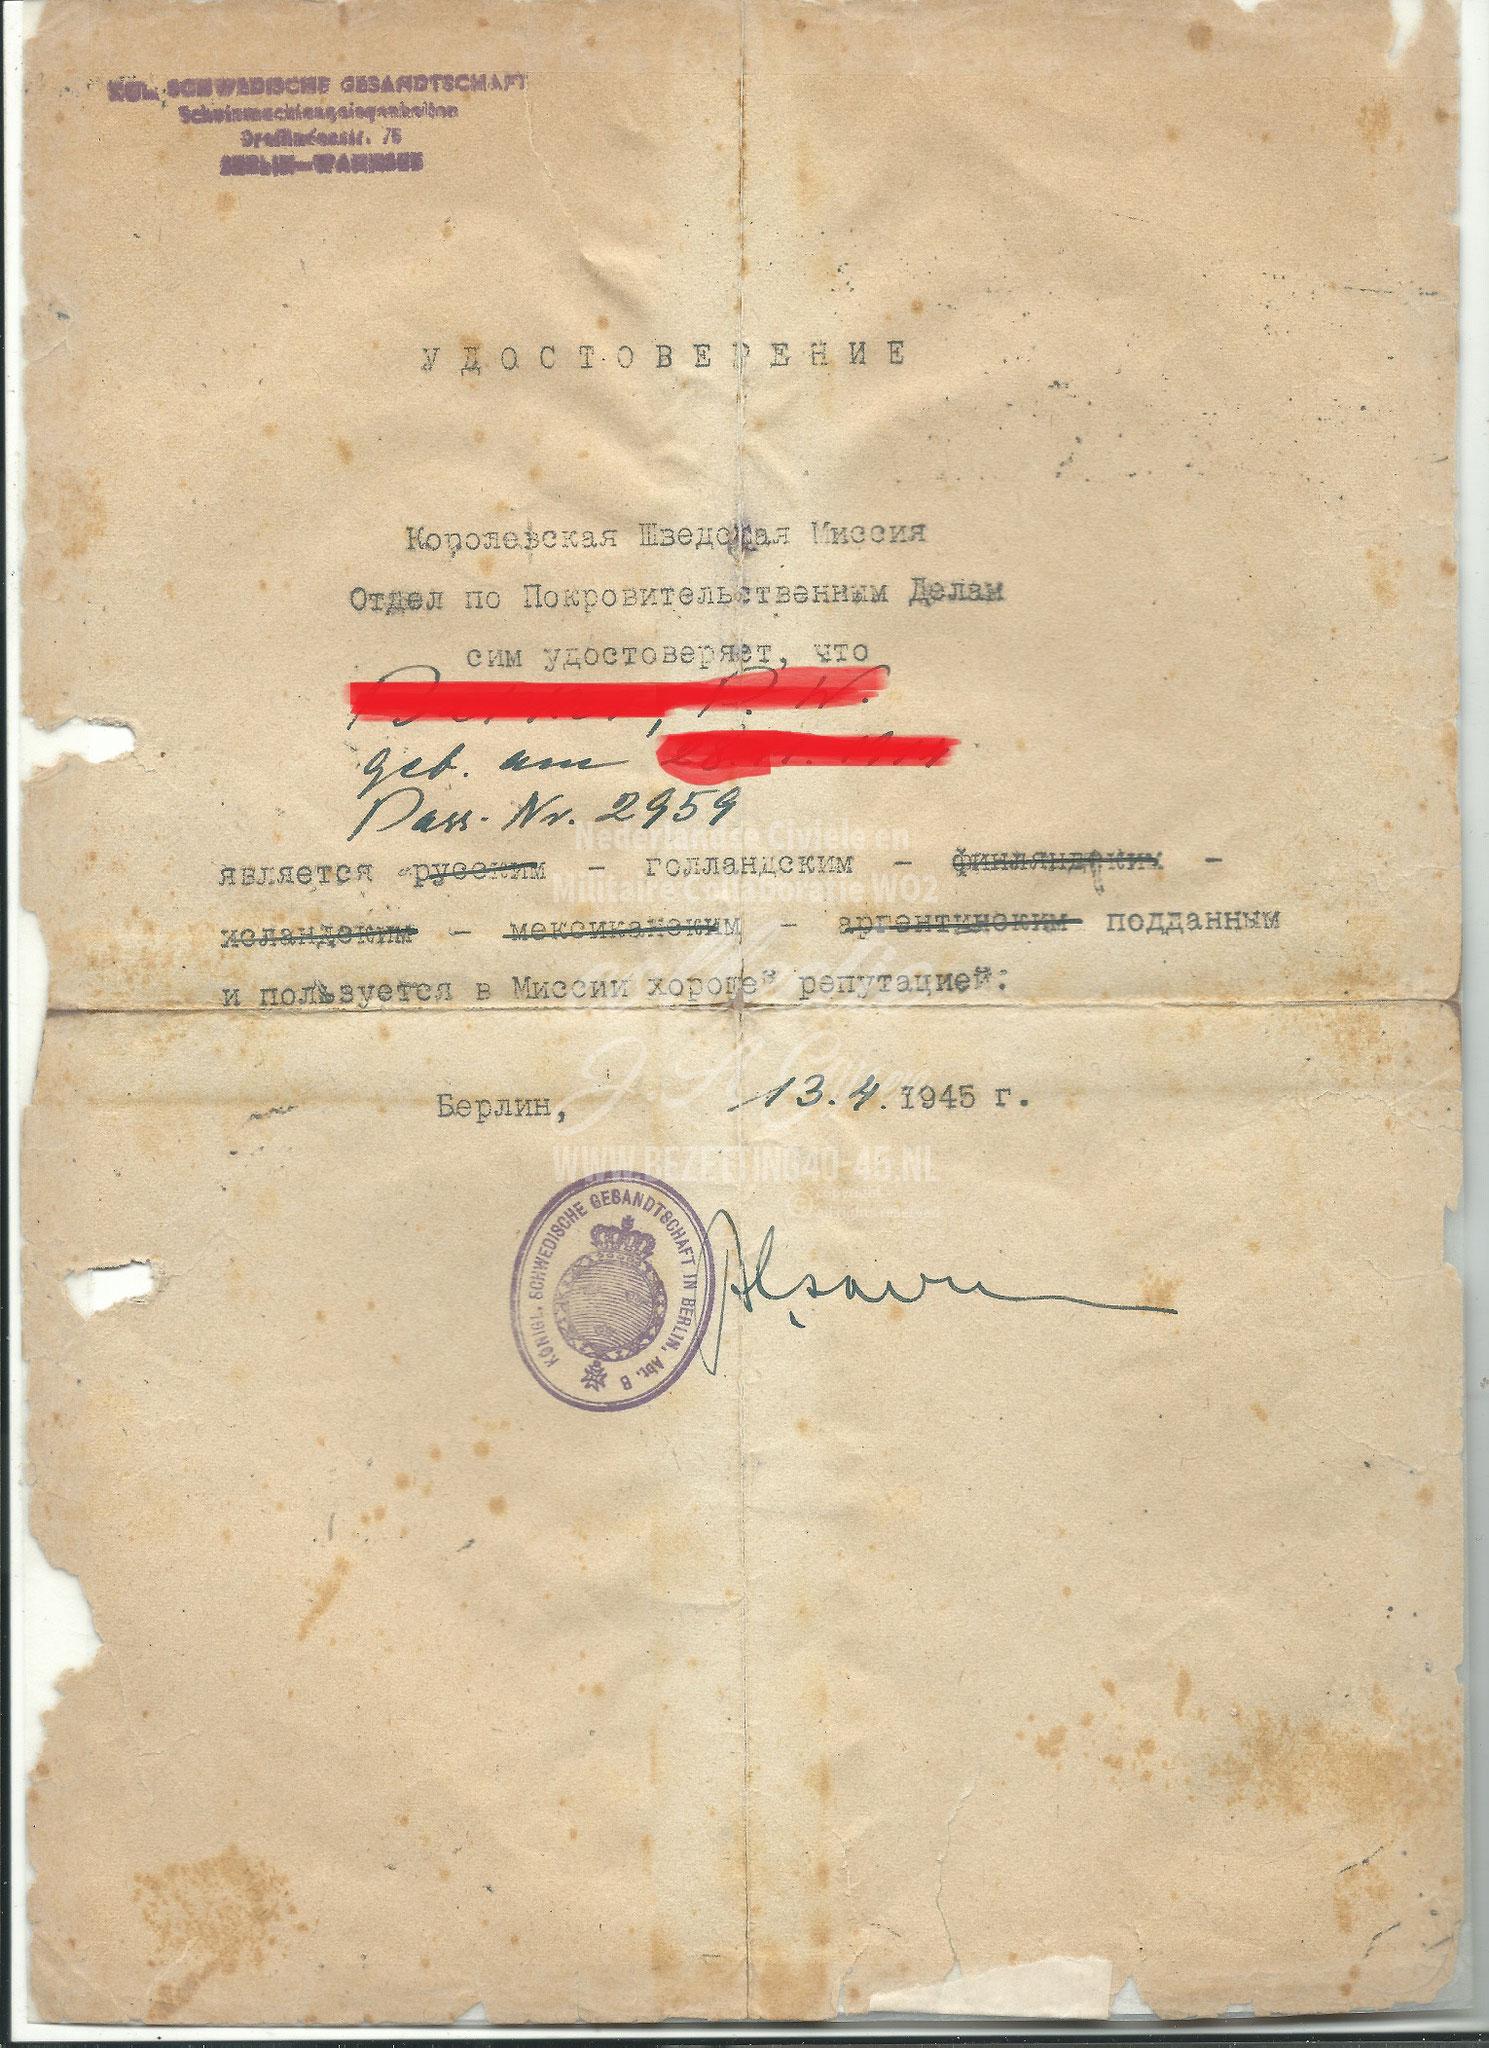 Verklaring Zweedse missie goede reputatie Berlijn 13 April 1945.